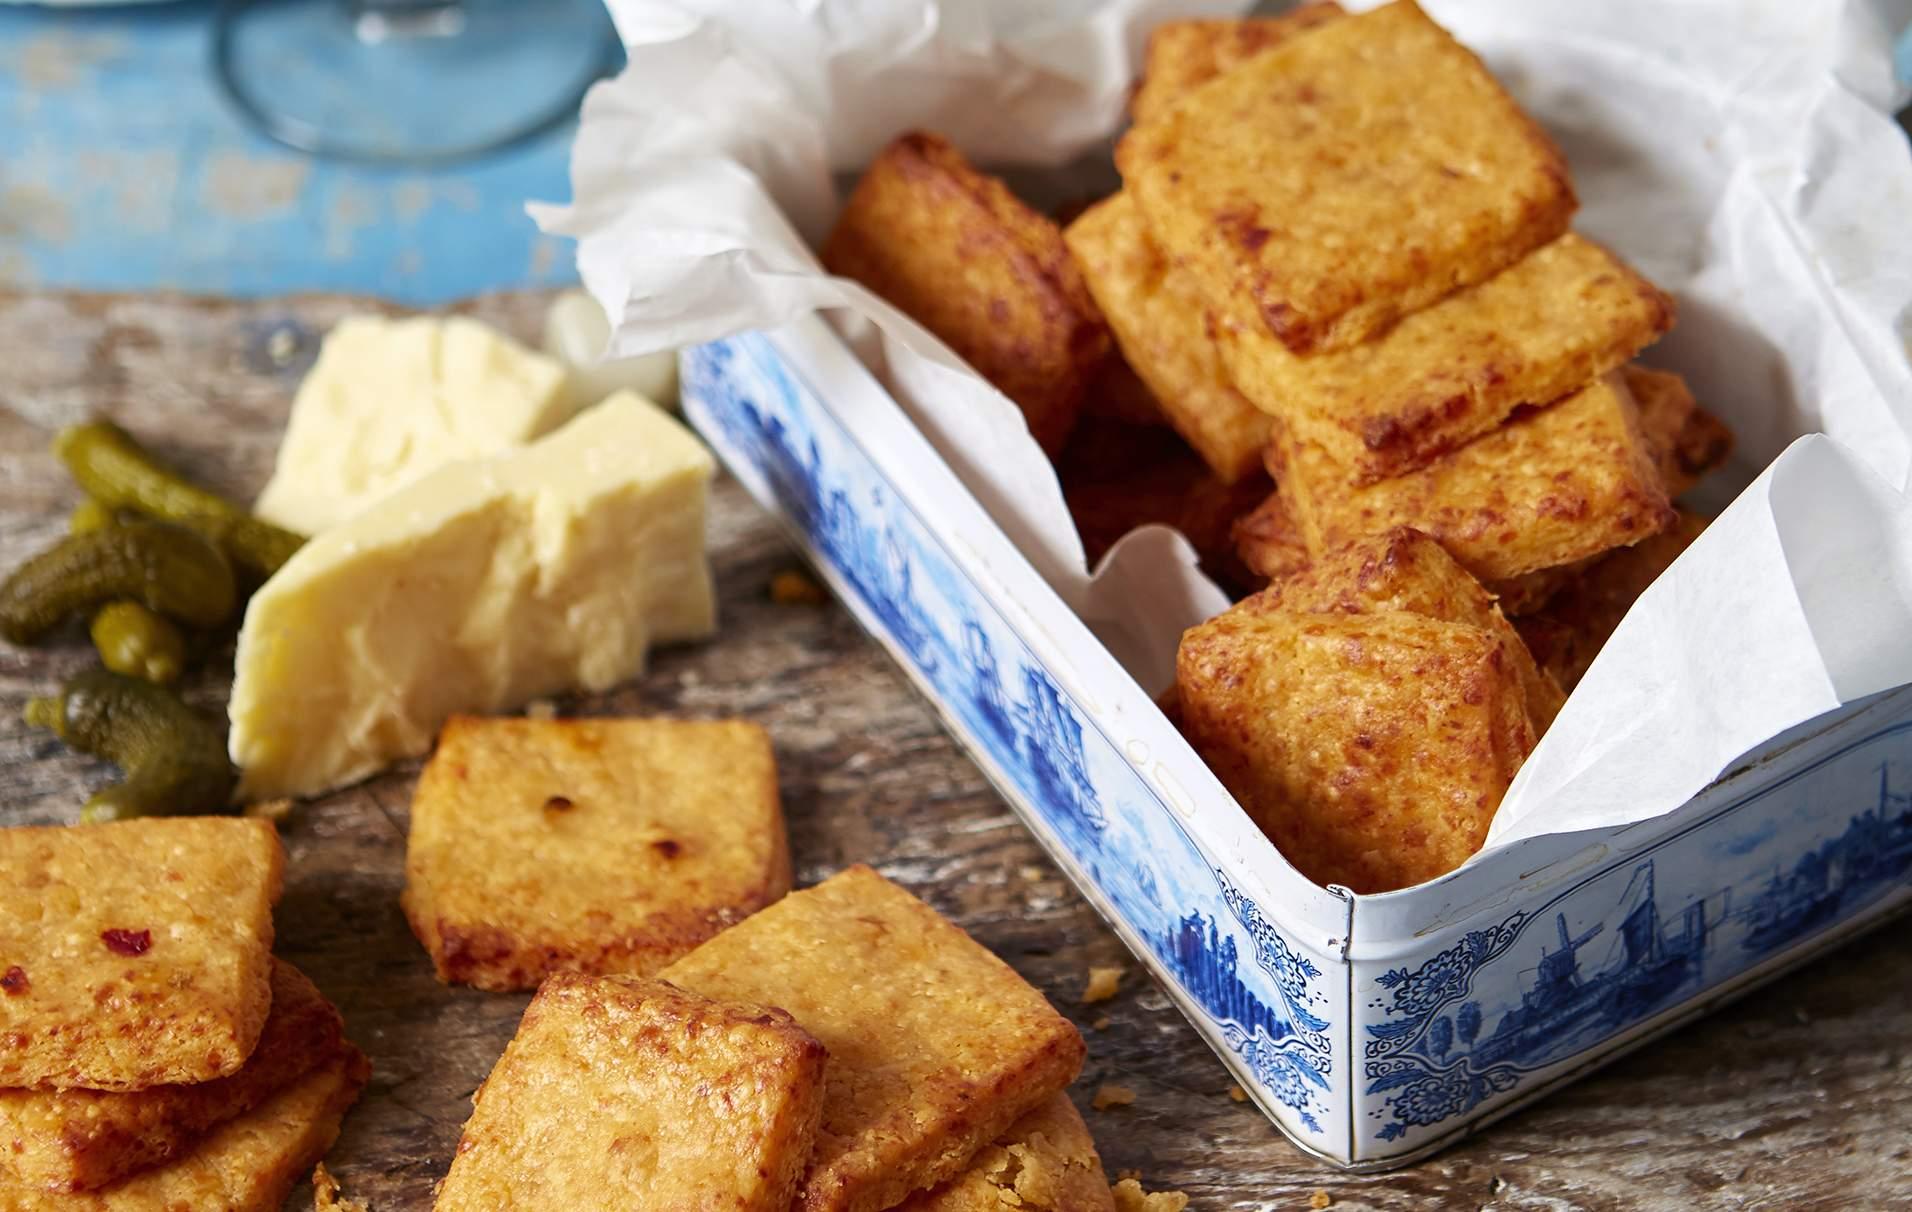 Galletas fáciles de queso cheddar y chutney Estas galletas de queso cheddar y chutney son excelentes como refrigerio y el complemento perfecto para cualquier plato de queso.